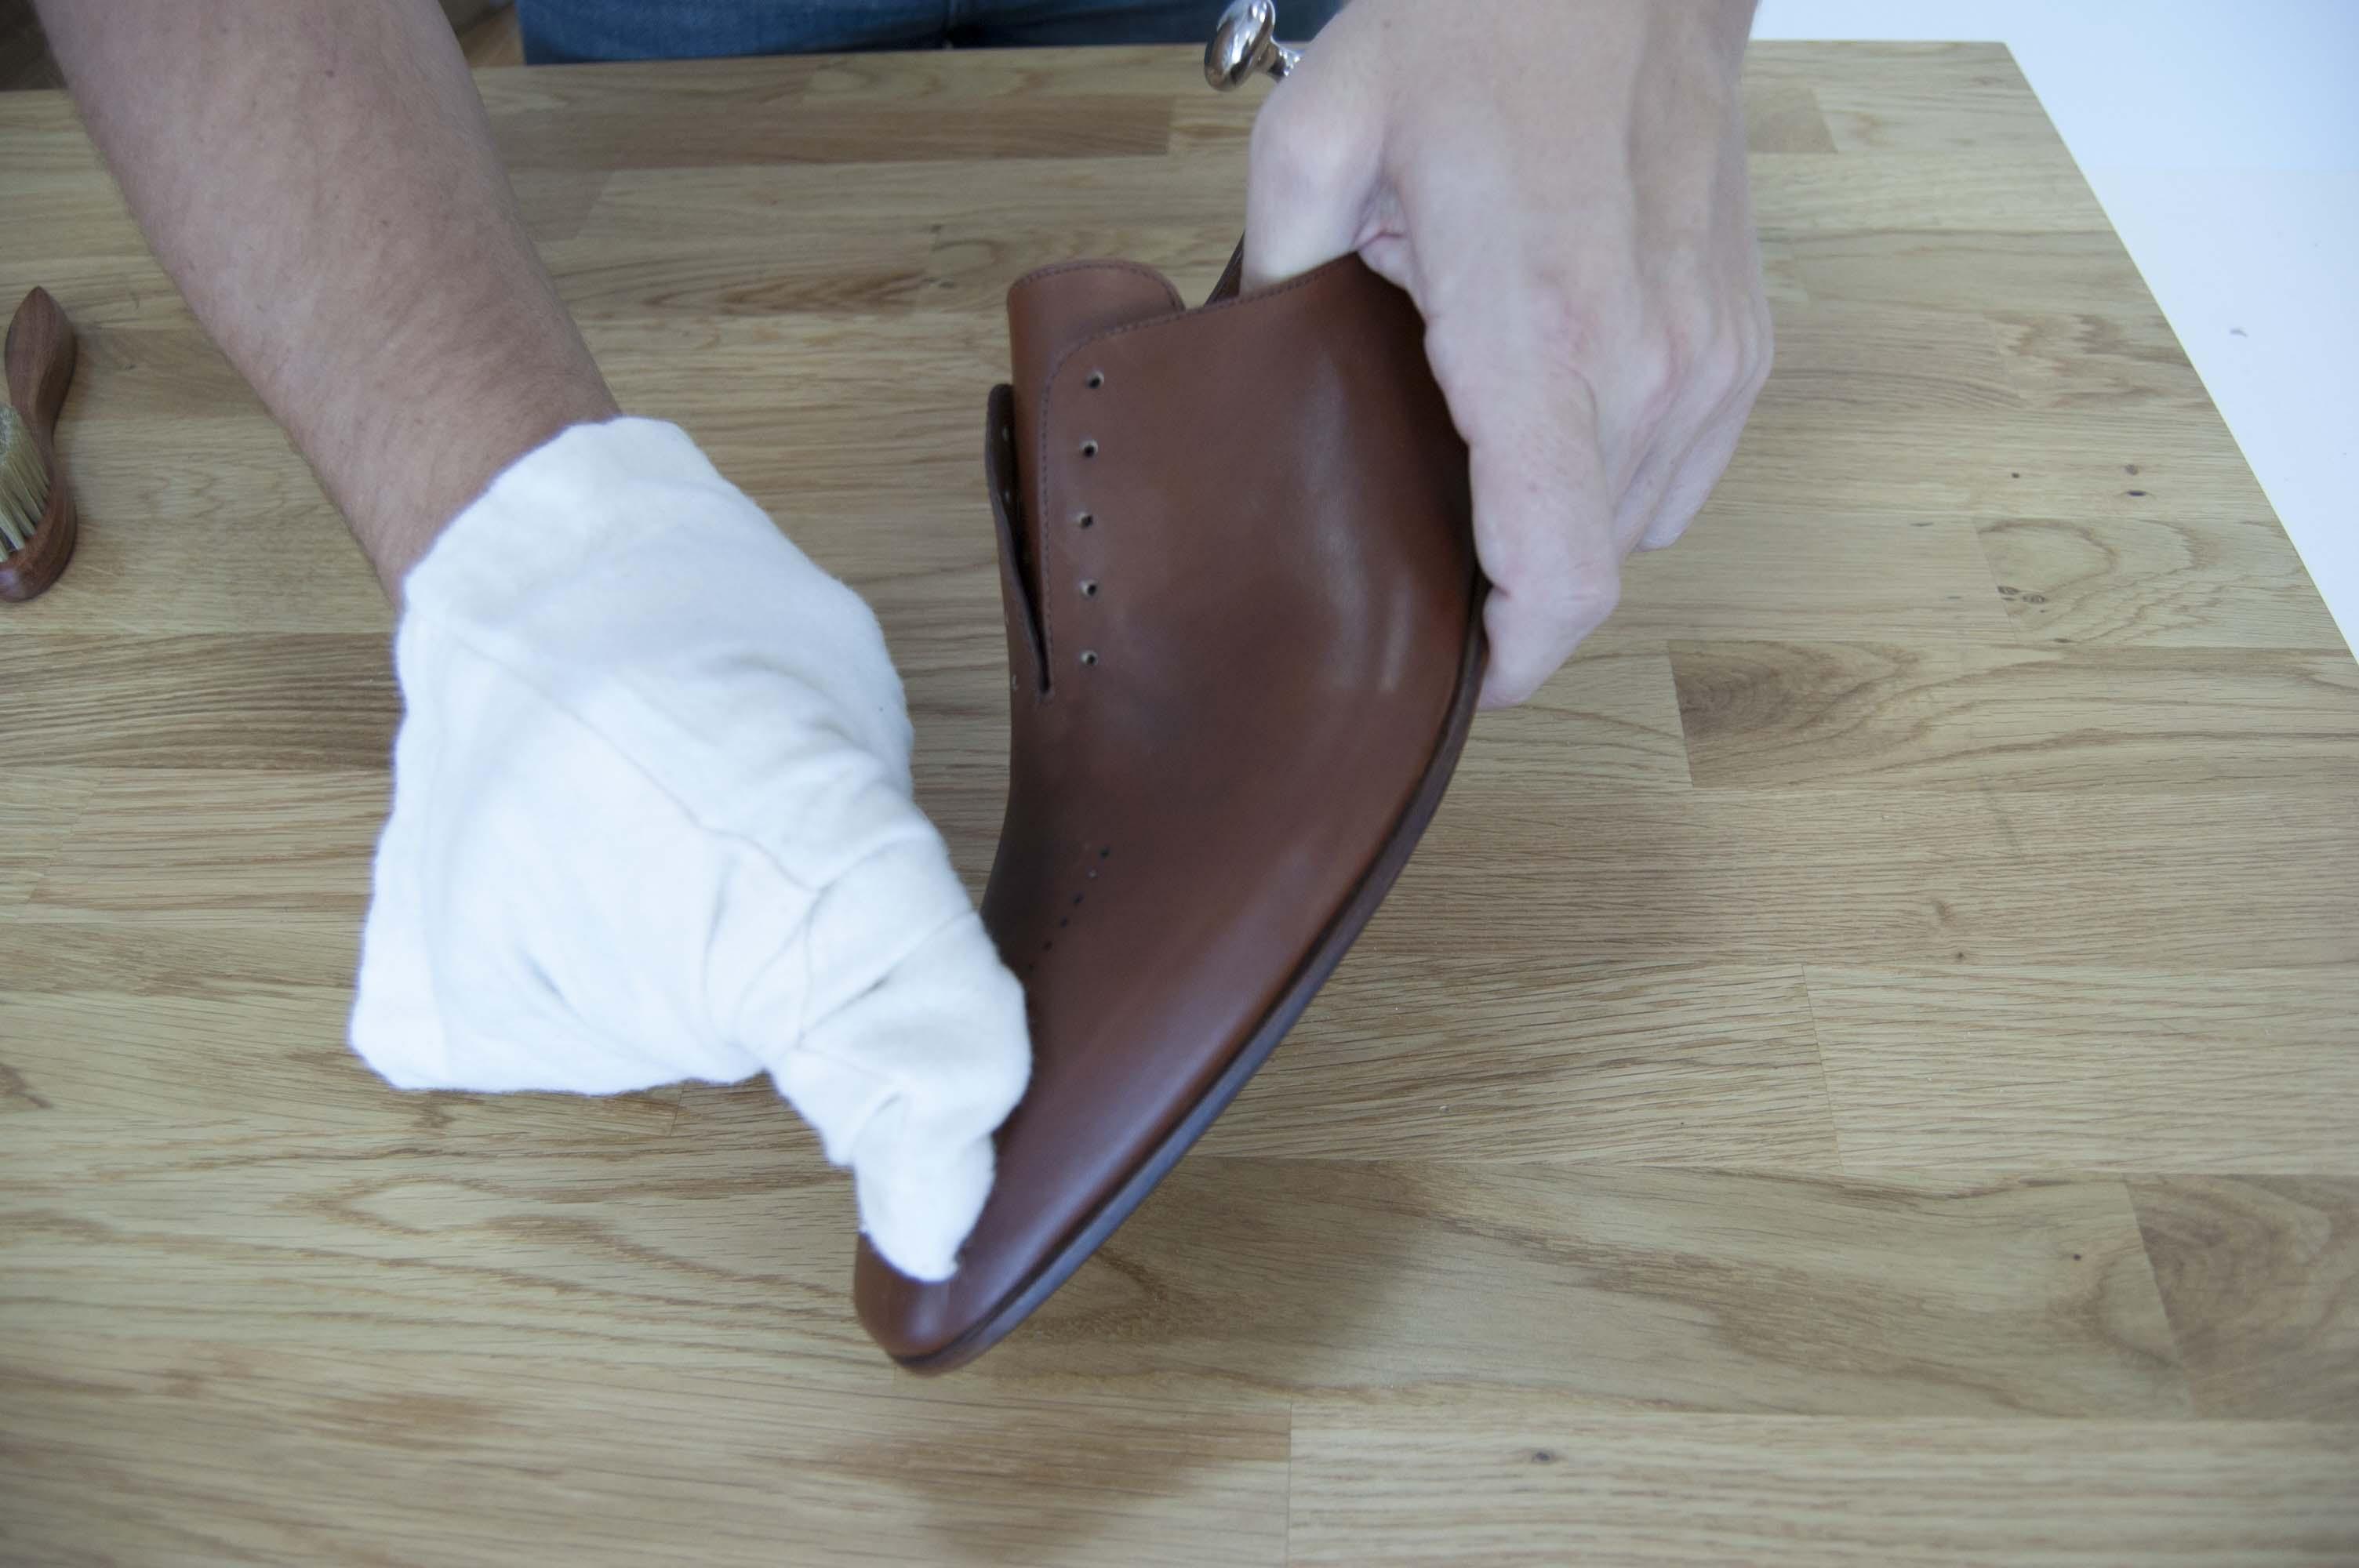 Application crème nourrissante pour chaussures en cuir